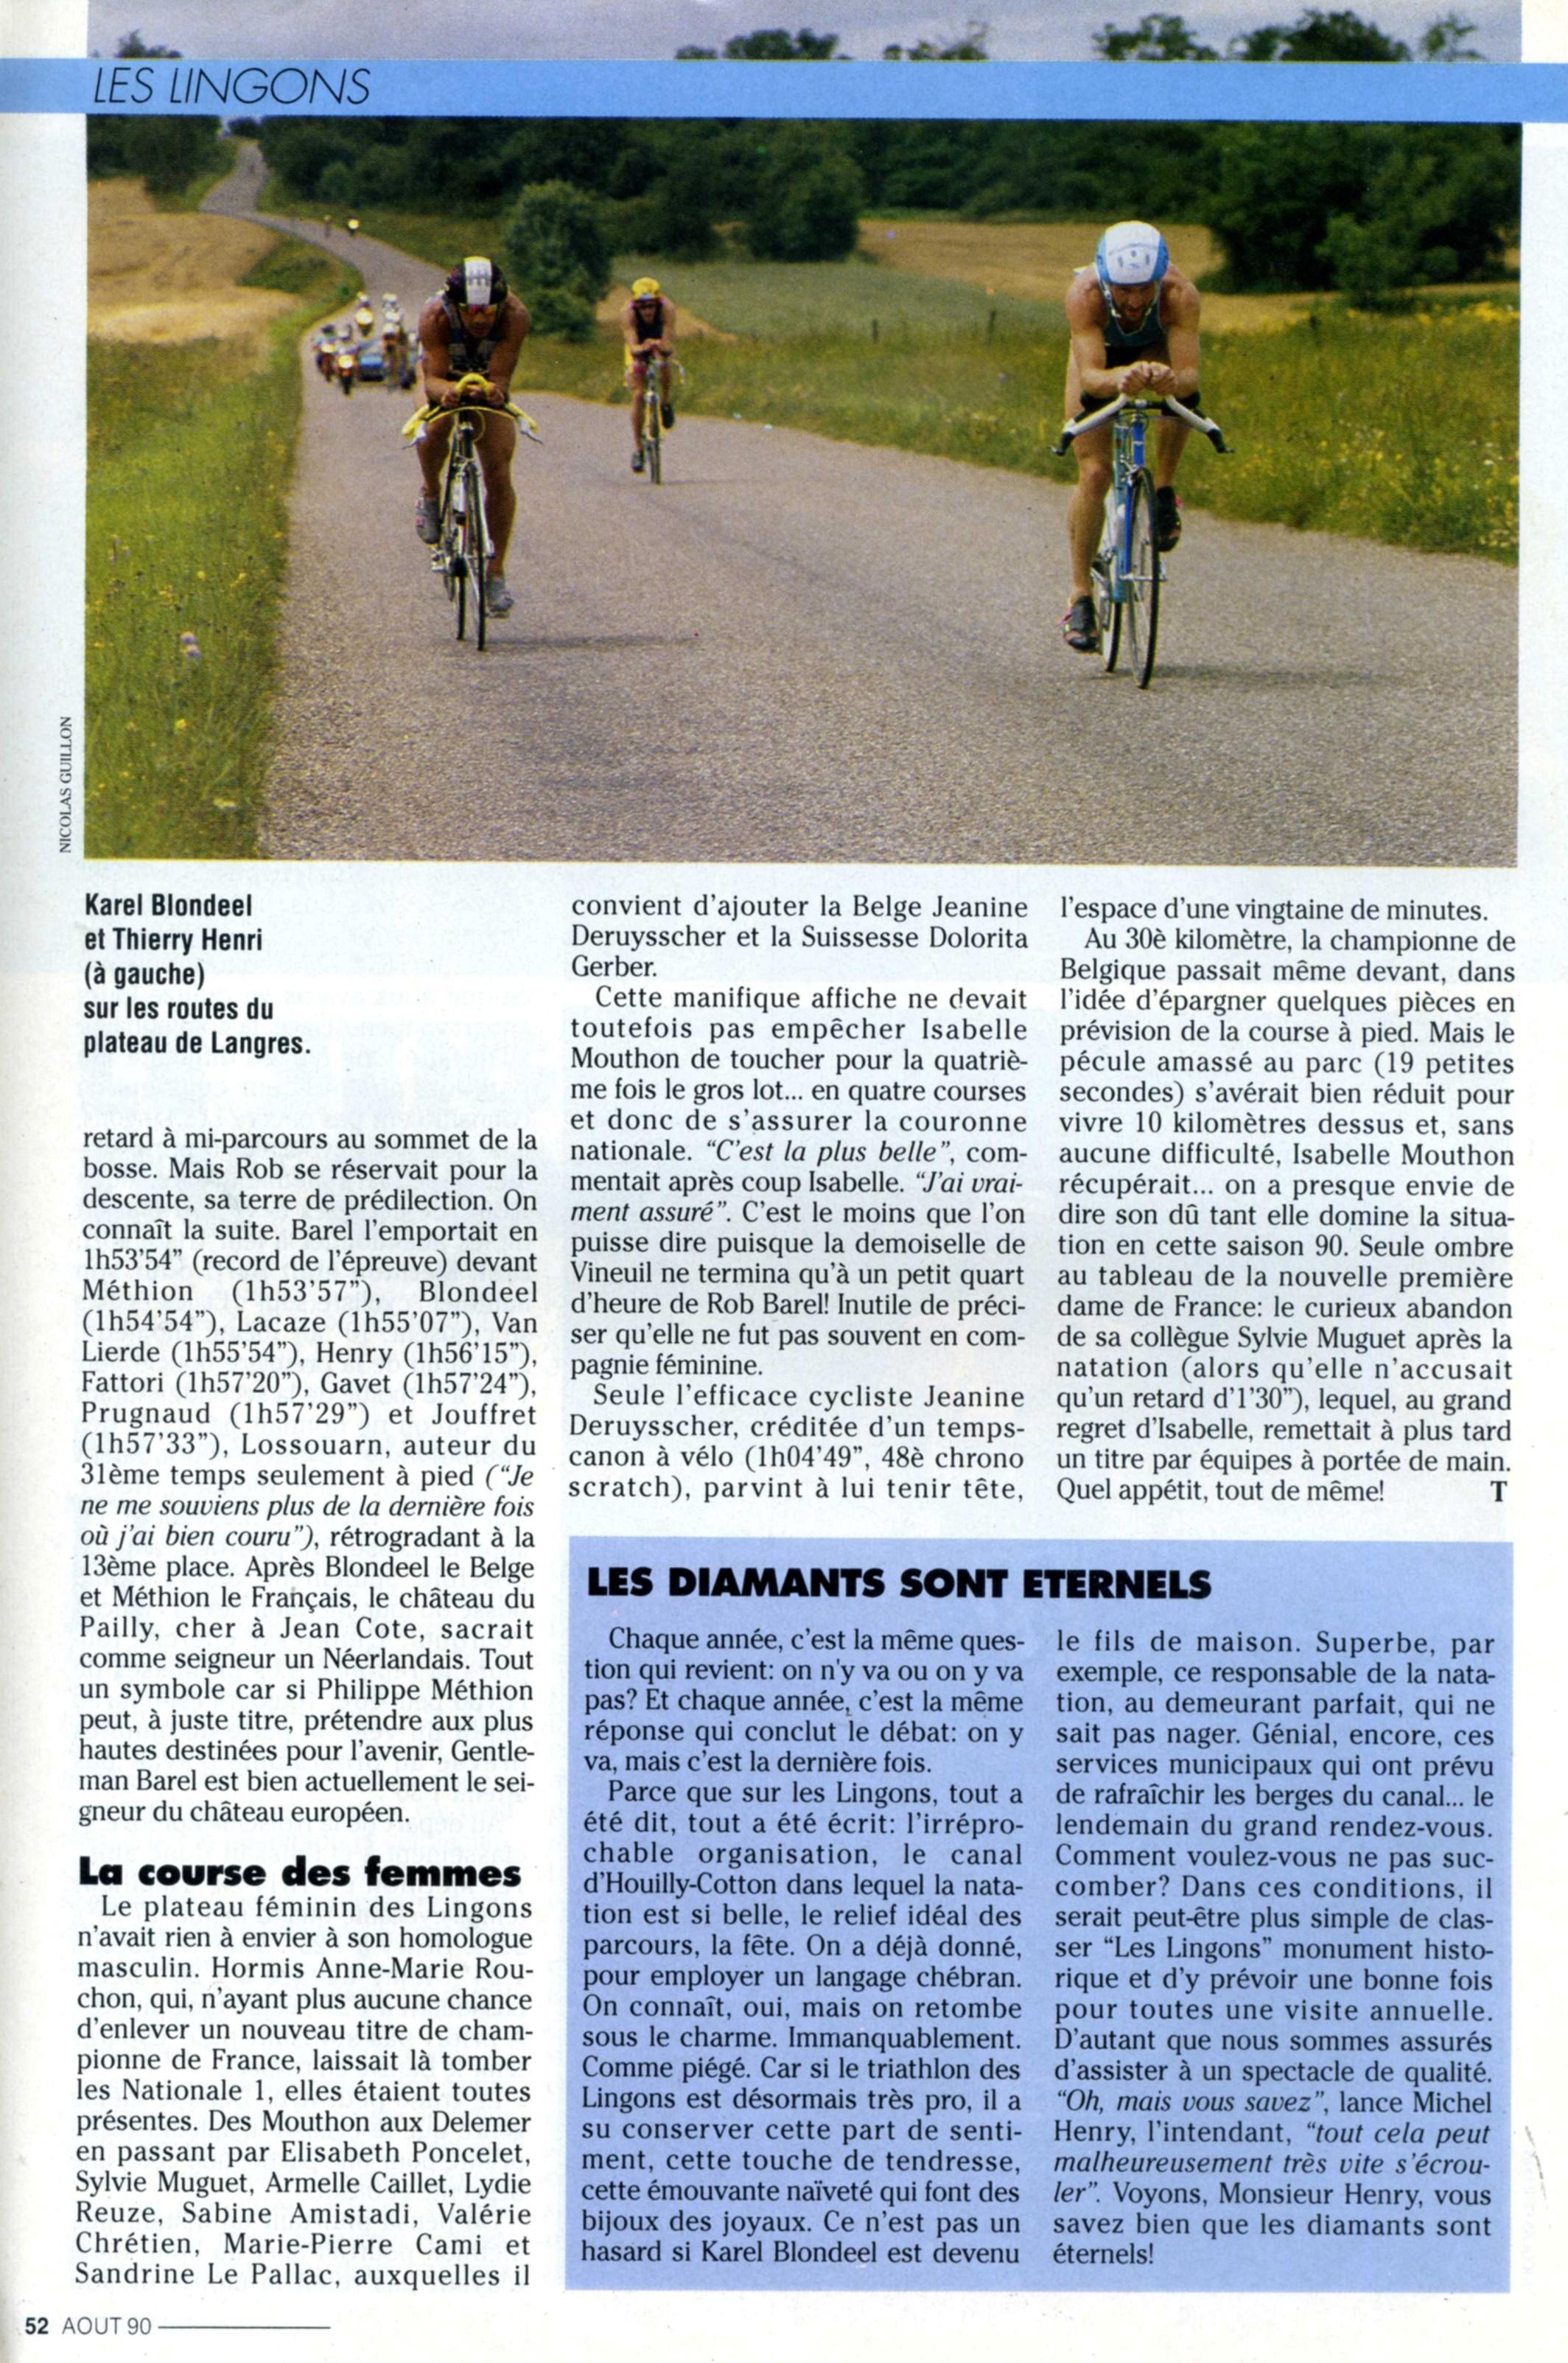 img018_les_lingons_08-07-1990_70